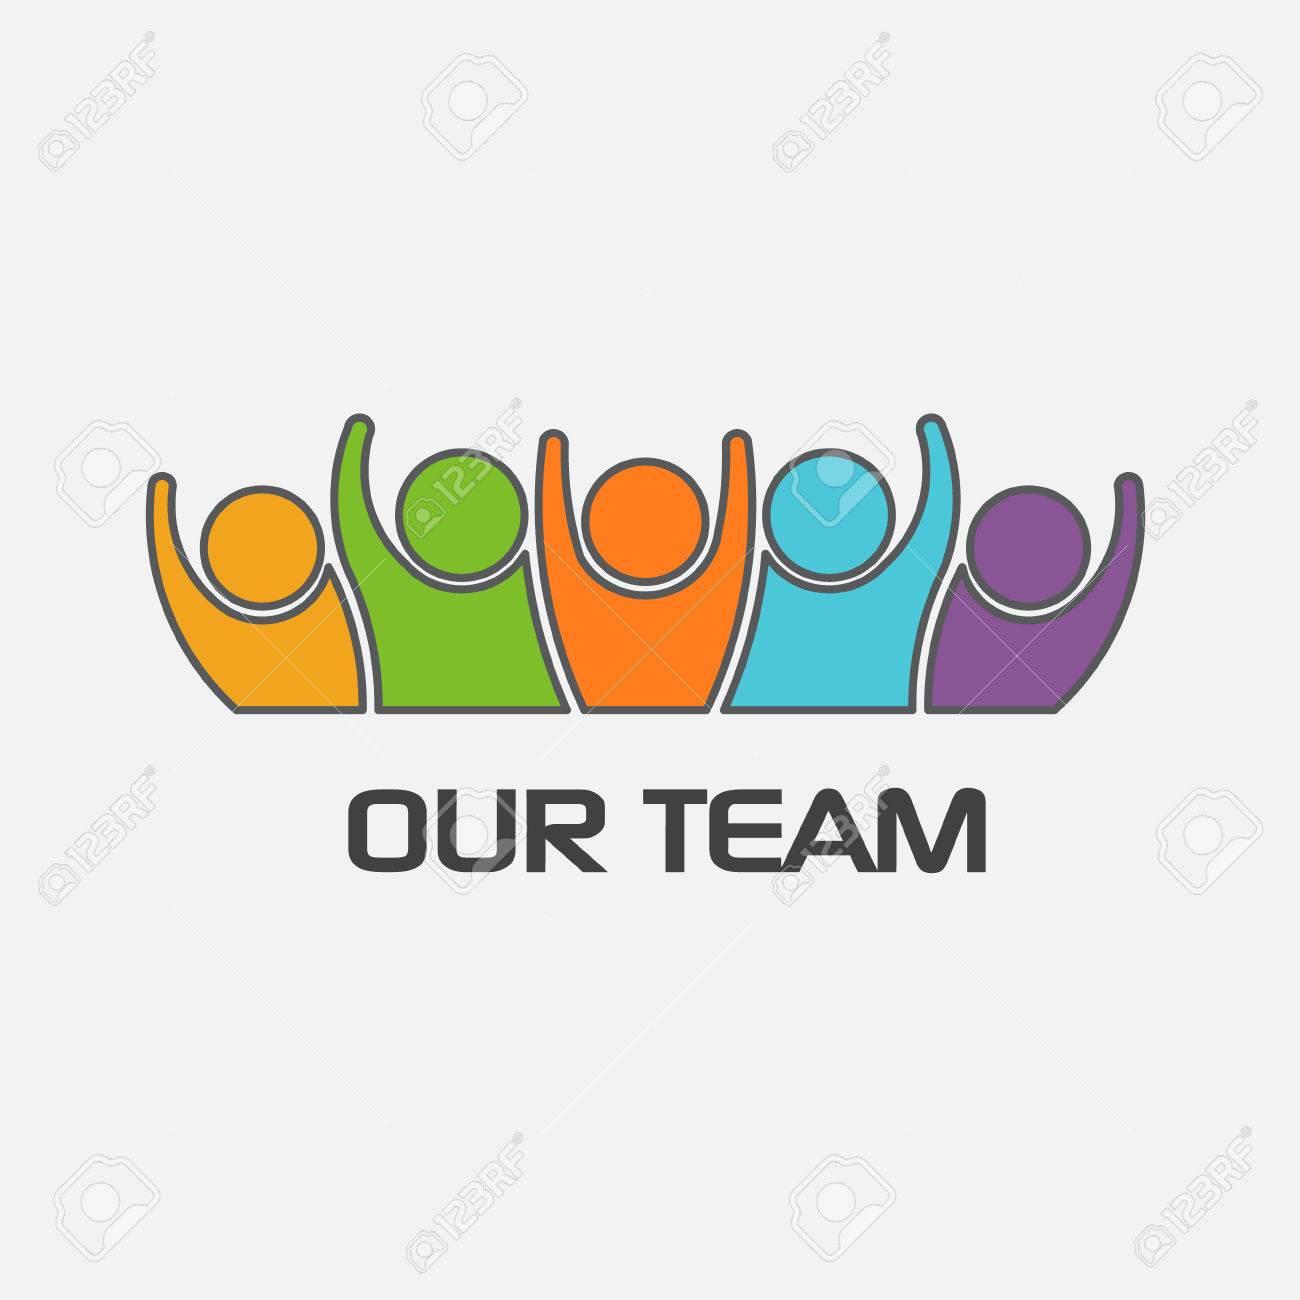 Il nostro gruppo team di persone. disegno vettoriale Archivio Fotografico - 50851015